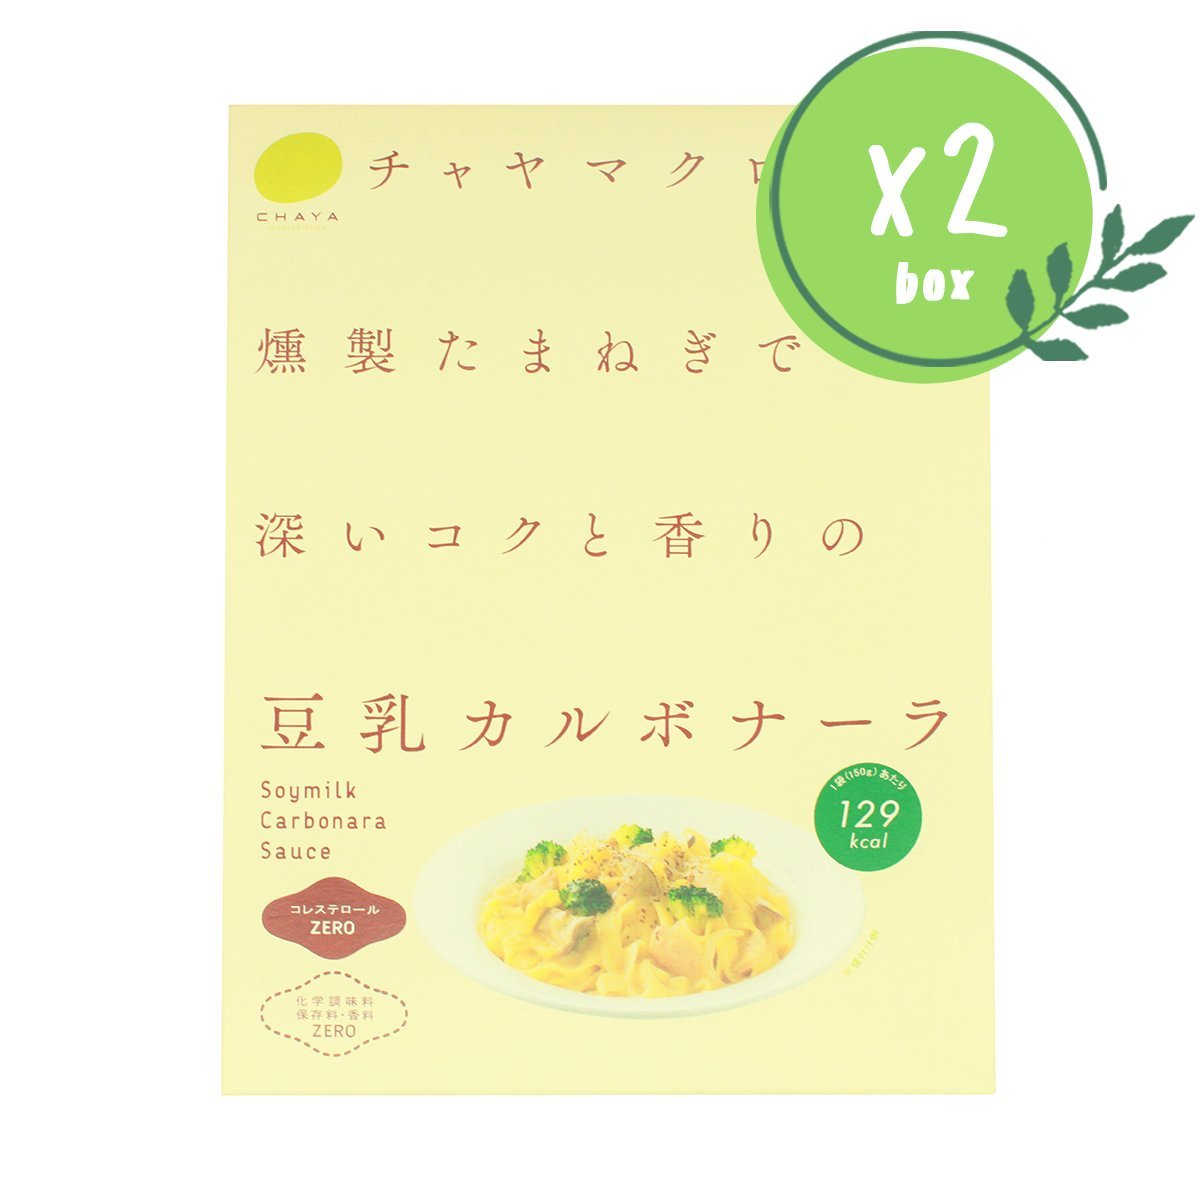 無麩質卡邦尼醬 x 2 盒 (無麩質, 意粉醬, 低卡路里)